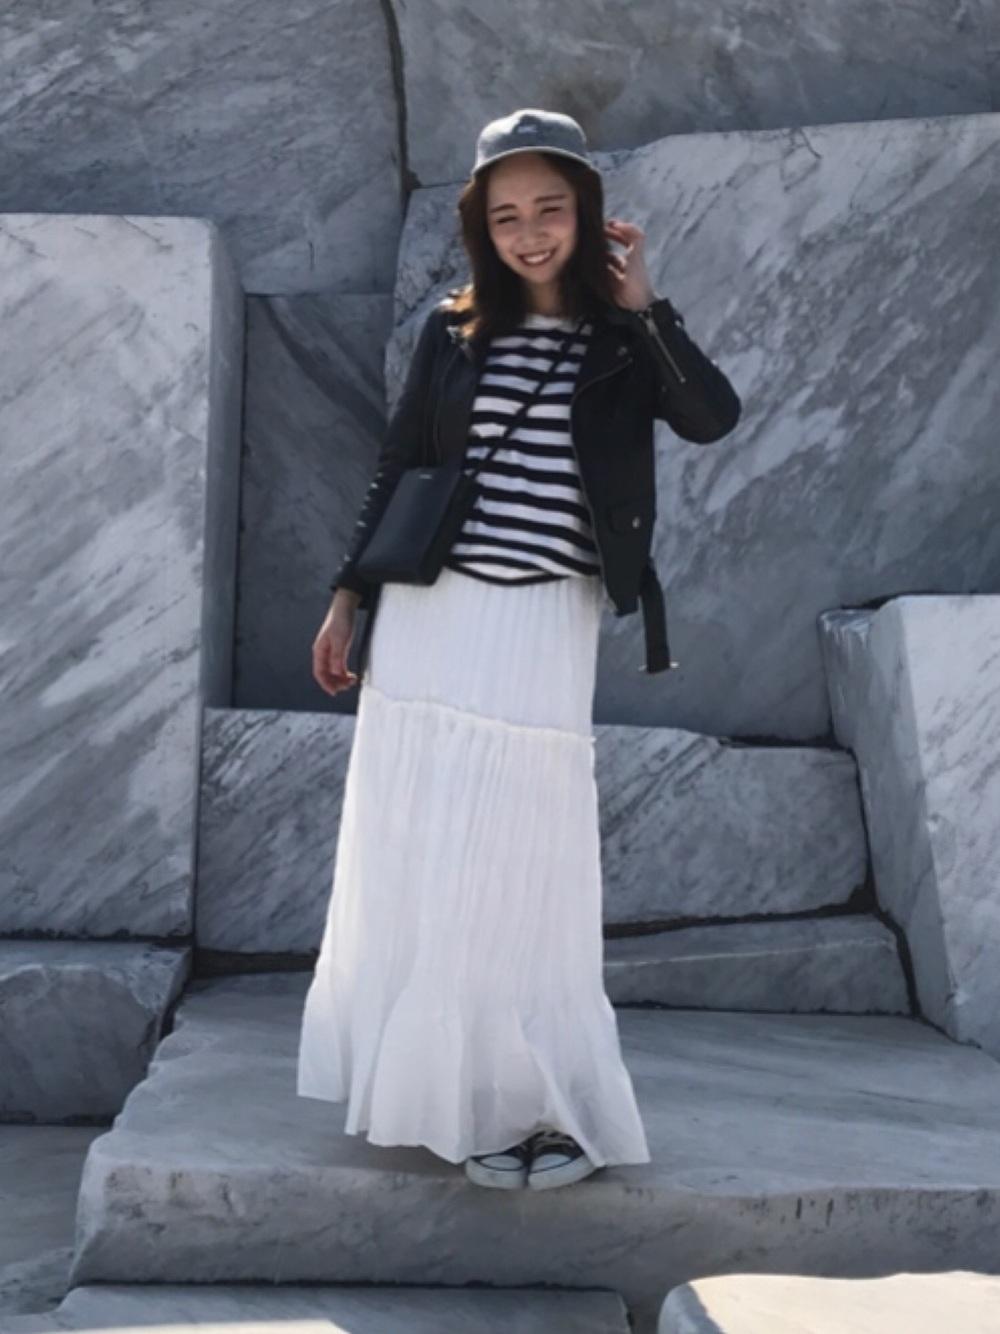 ライダースジャケットと白ロングスカート